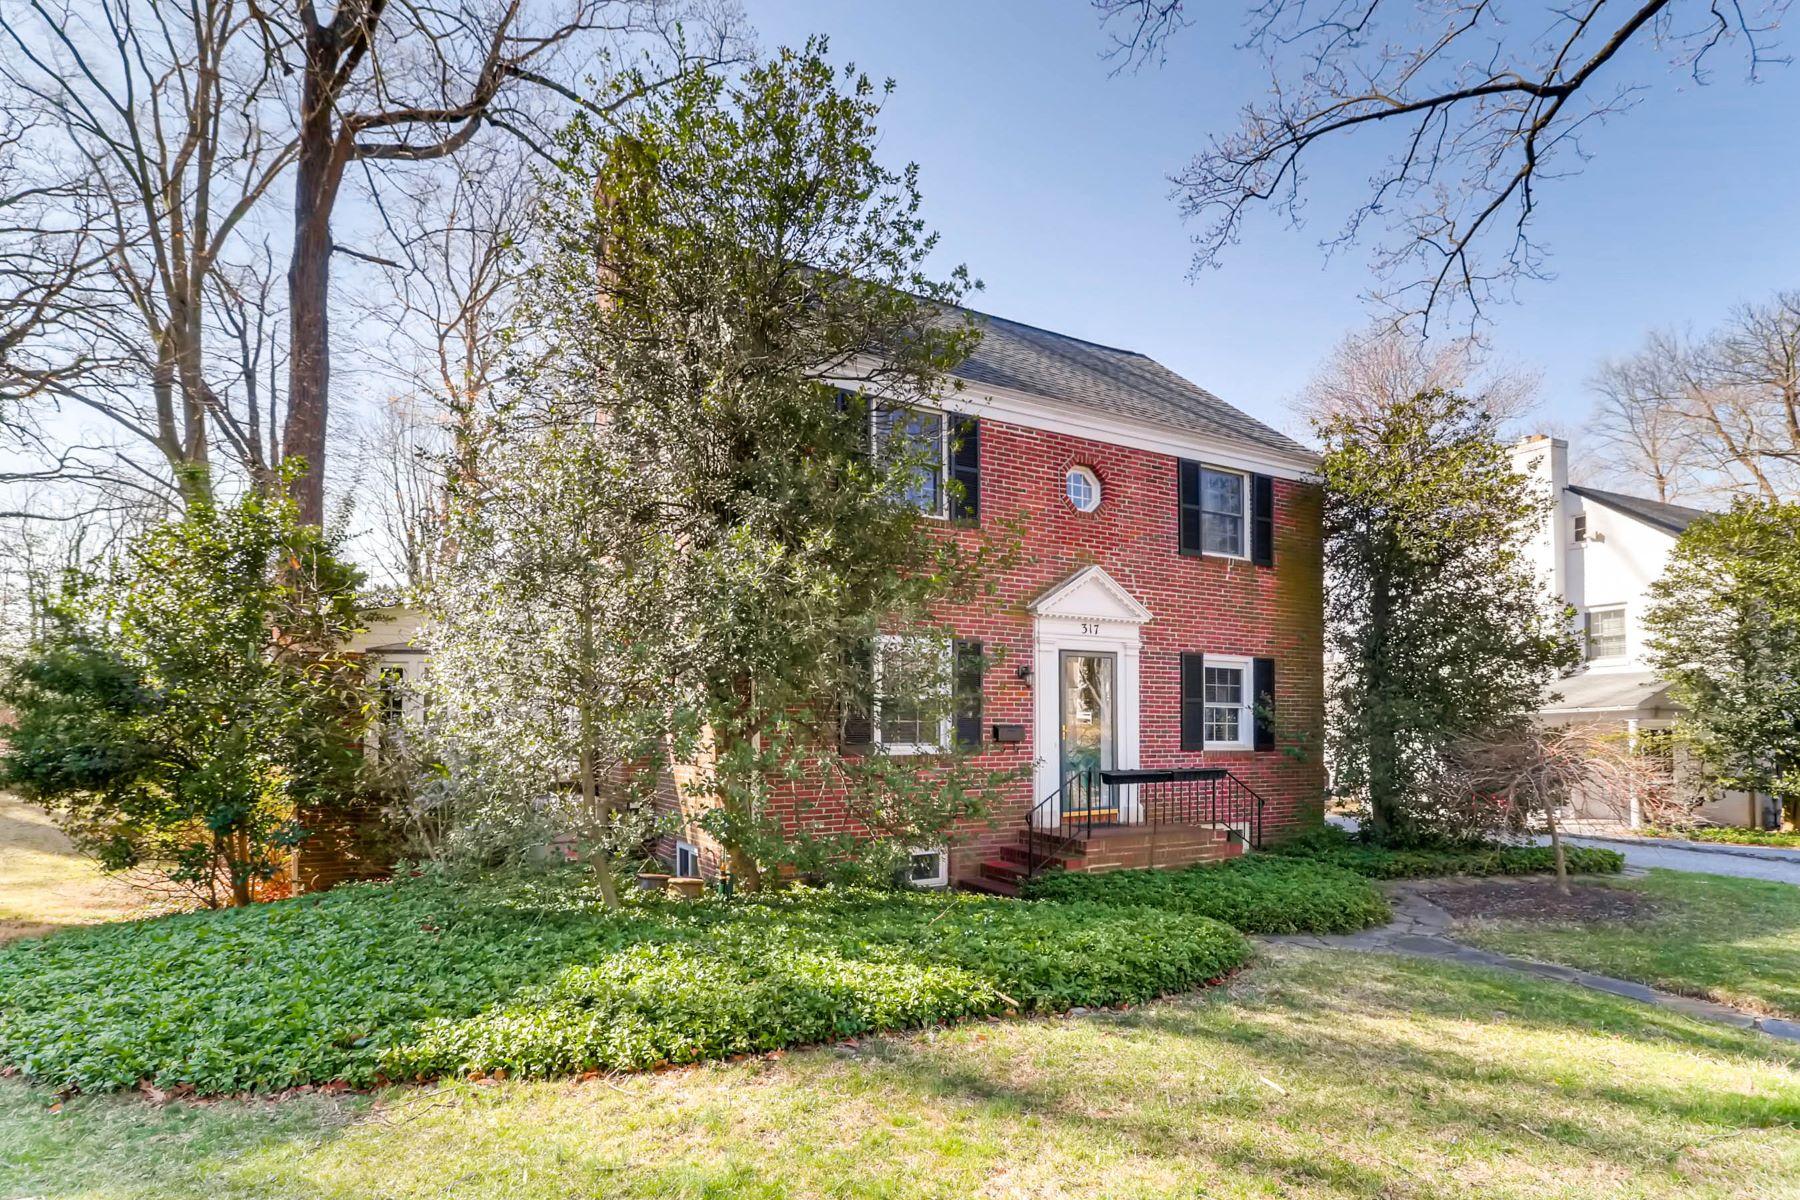 Частный односемейный дом для того Продажа на 317 Dixie Drive Towson, Maryland 21204 Towson, Мэриленд 21204 Соединенные Штаты